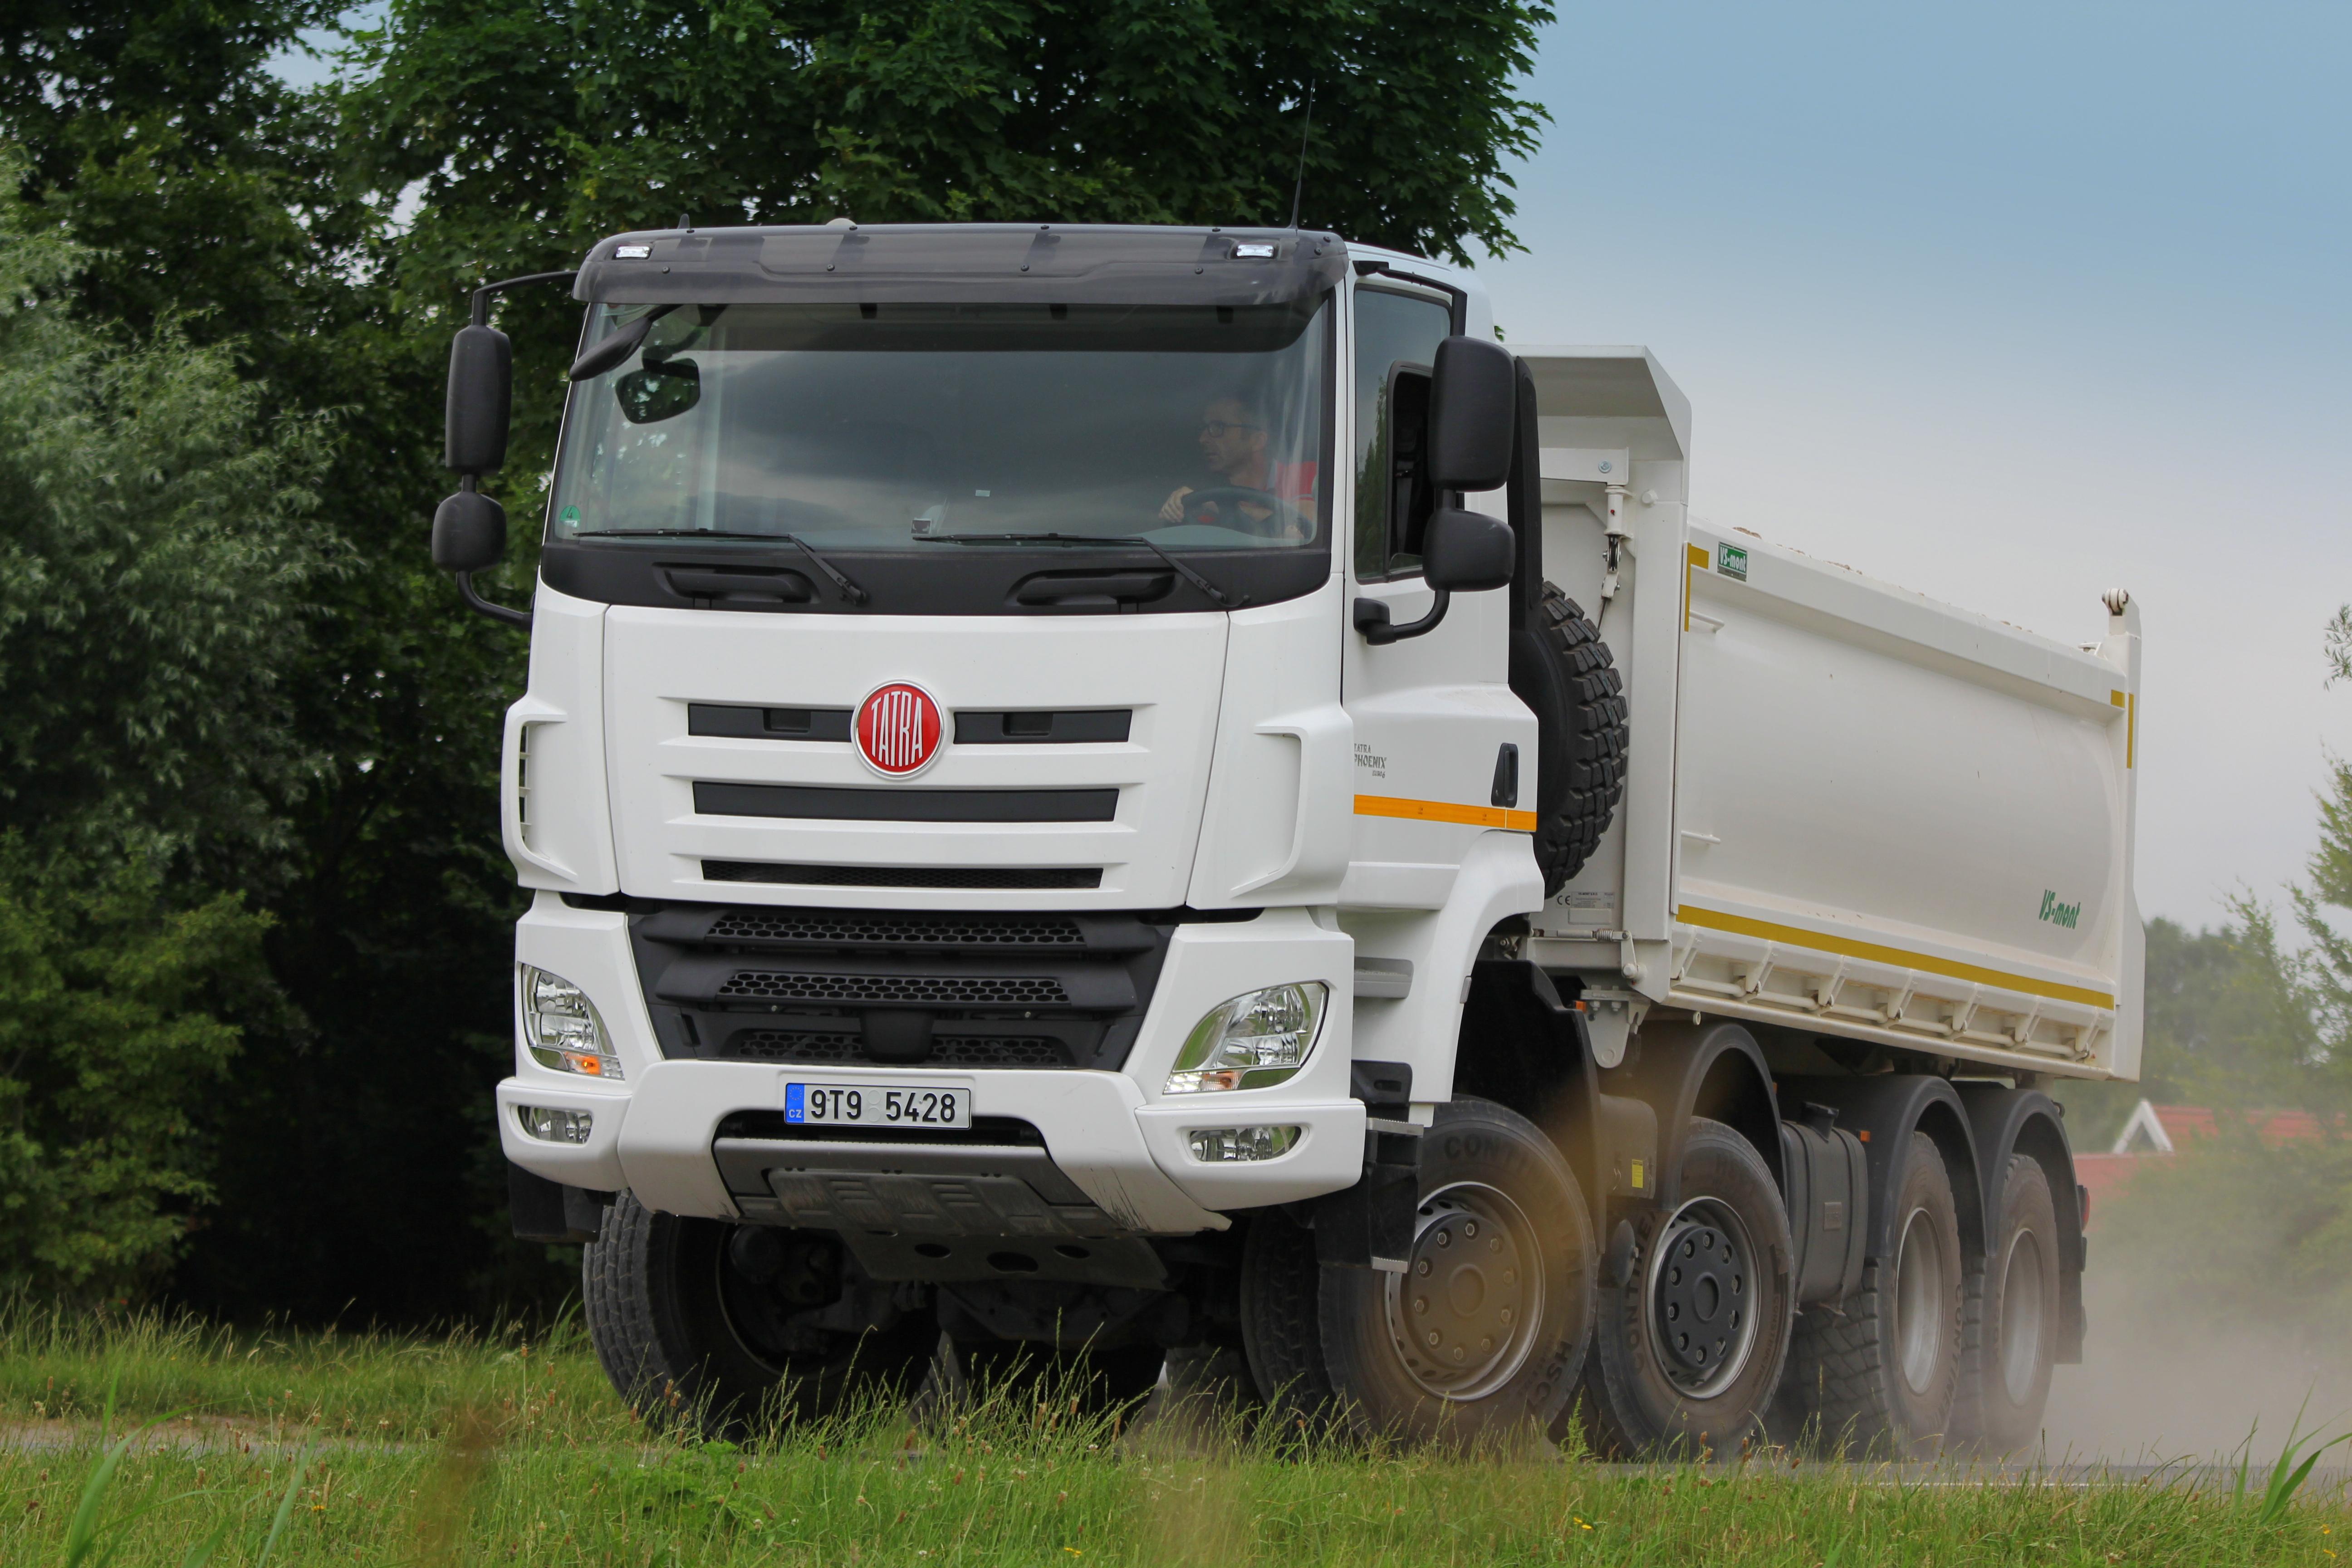 <p>Bijzondere terreinkwaliteiten met hoog comfort voor de Tatra</p>